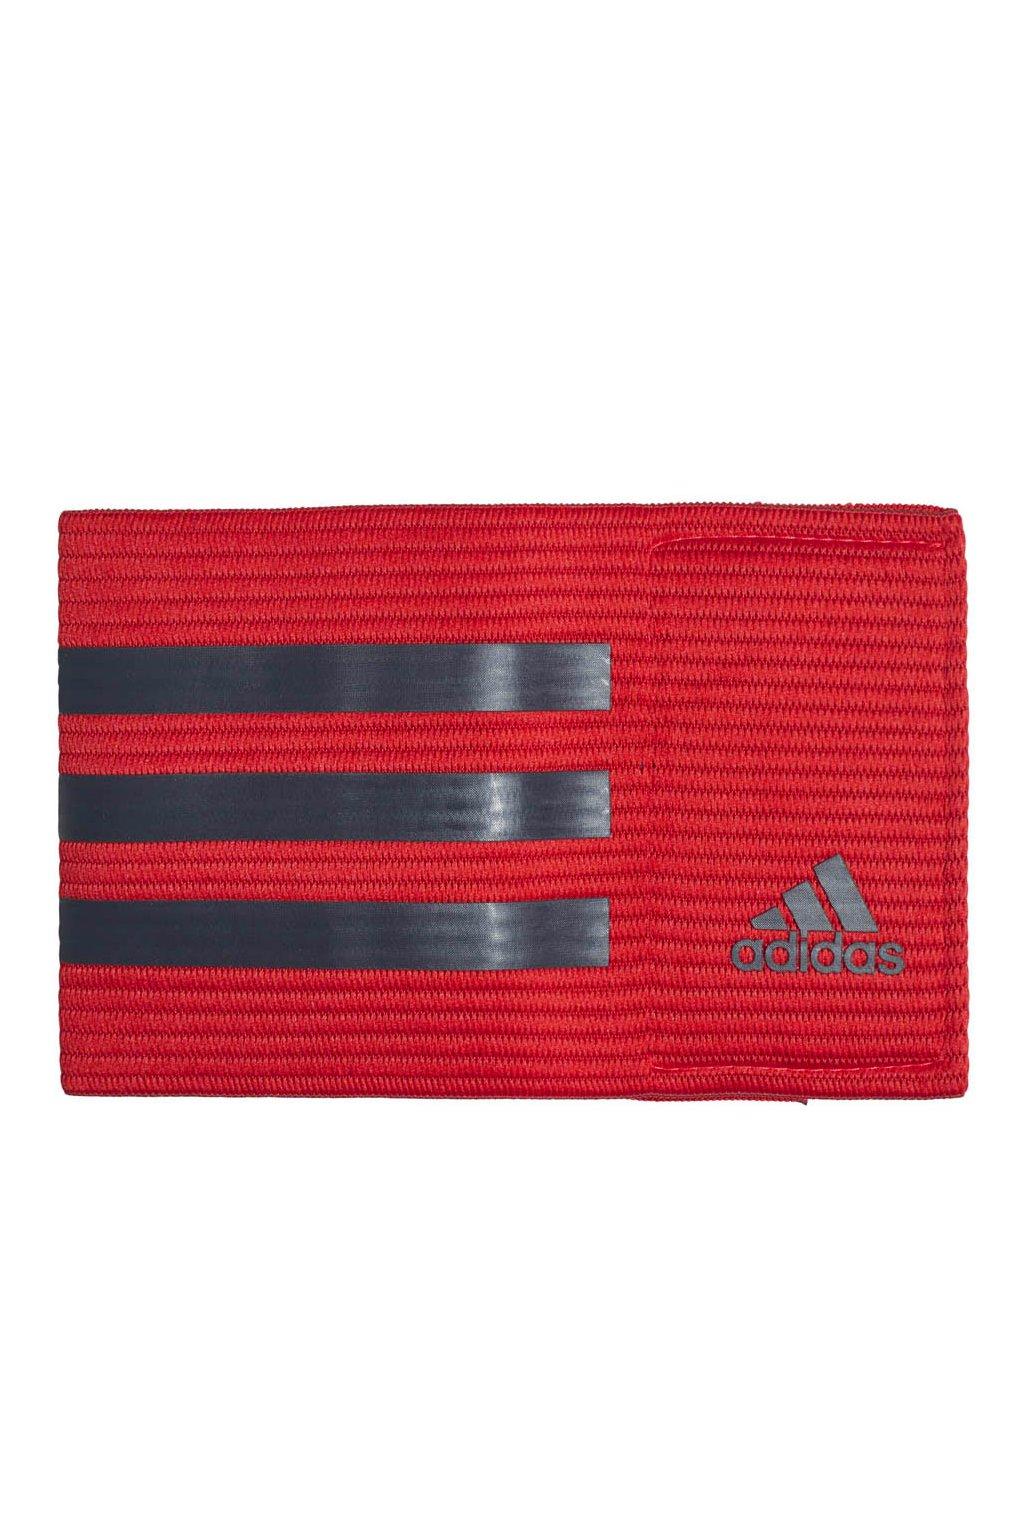 Kapitán náramku adidas FB OSFM červený CF1053